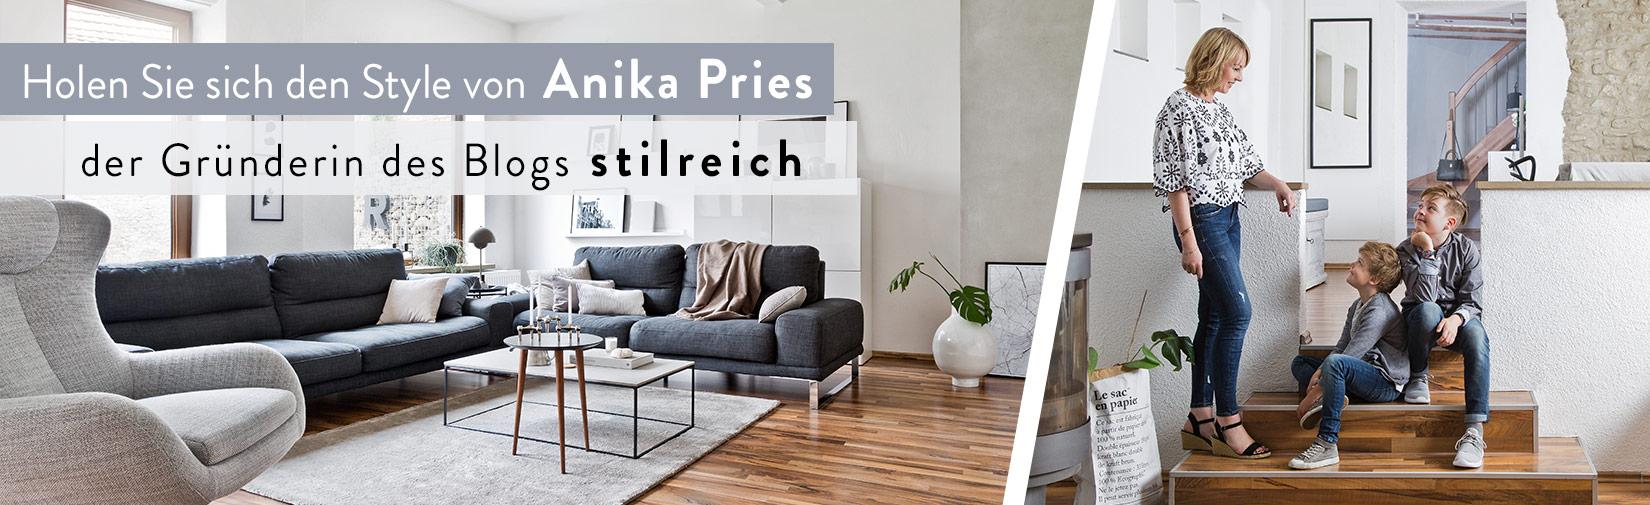 AnikaPries-Desktop